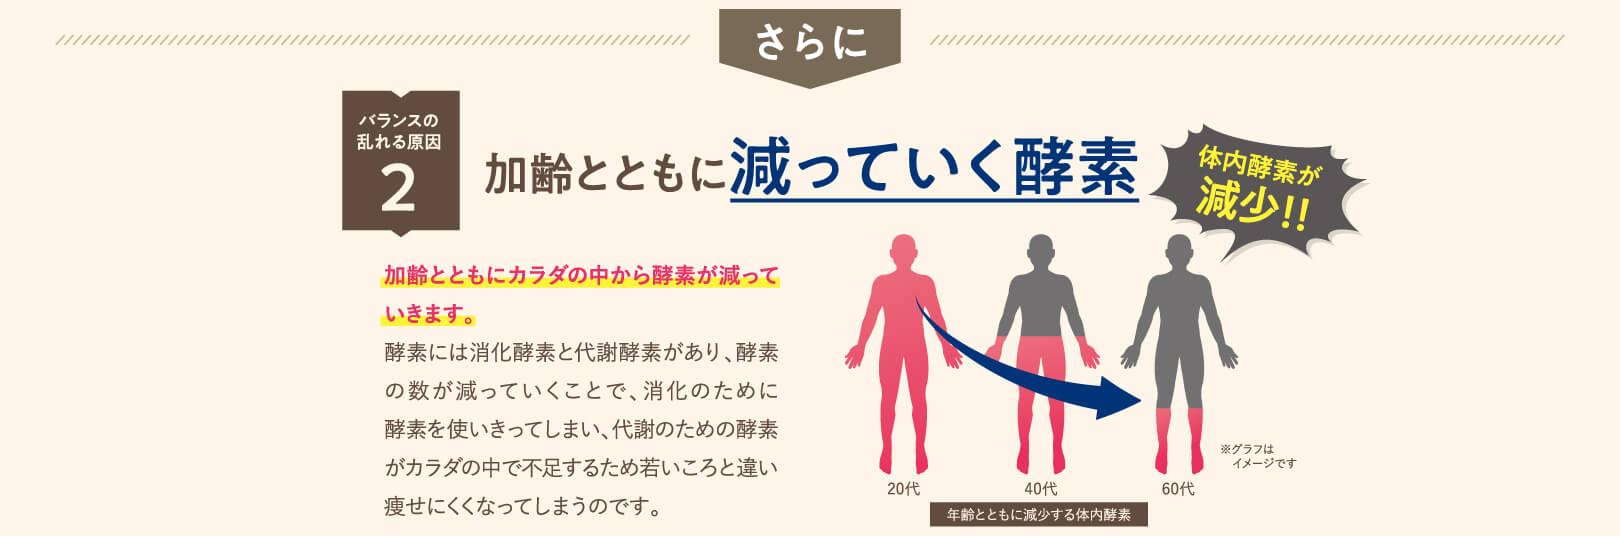 さらに バランスの乱れる原因2 加齢とともに減っていく酵素